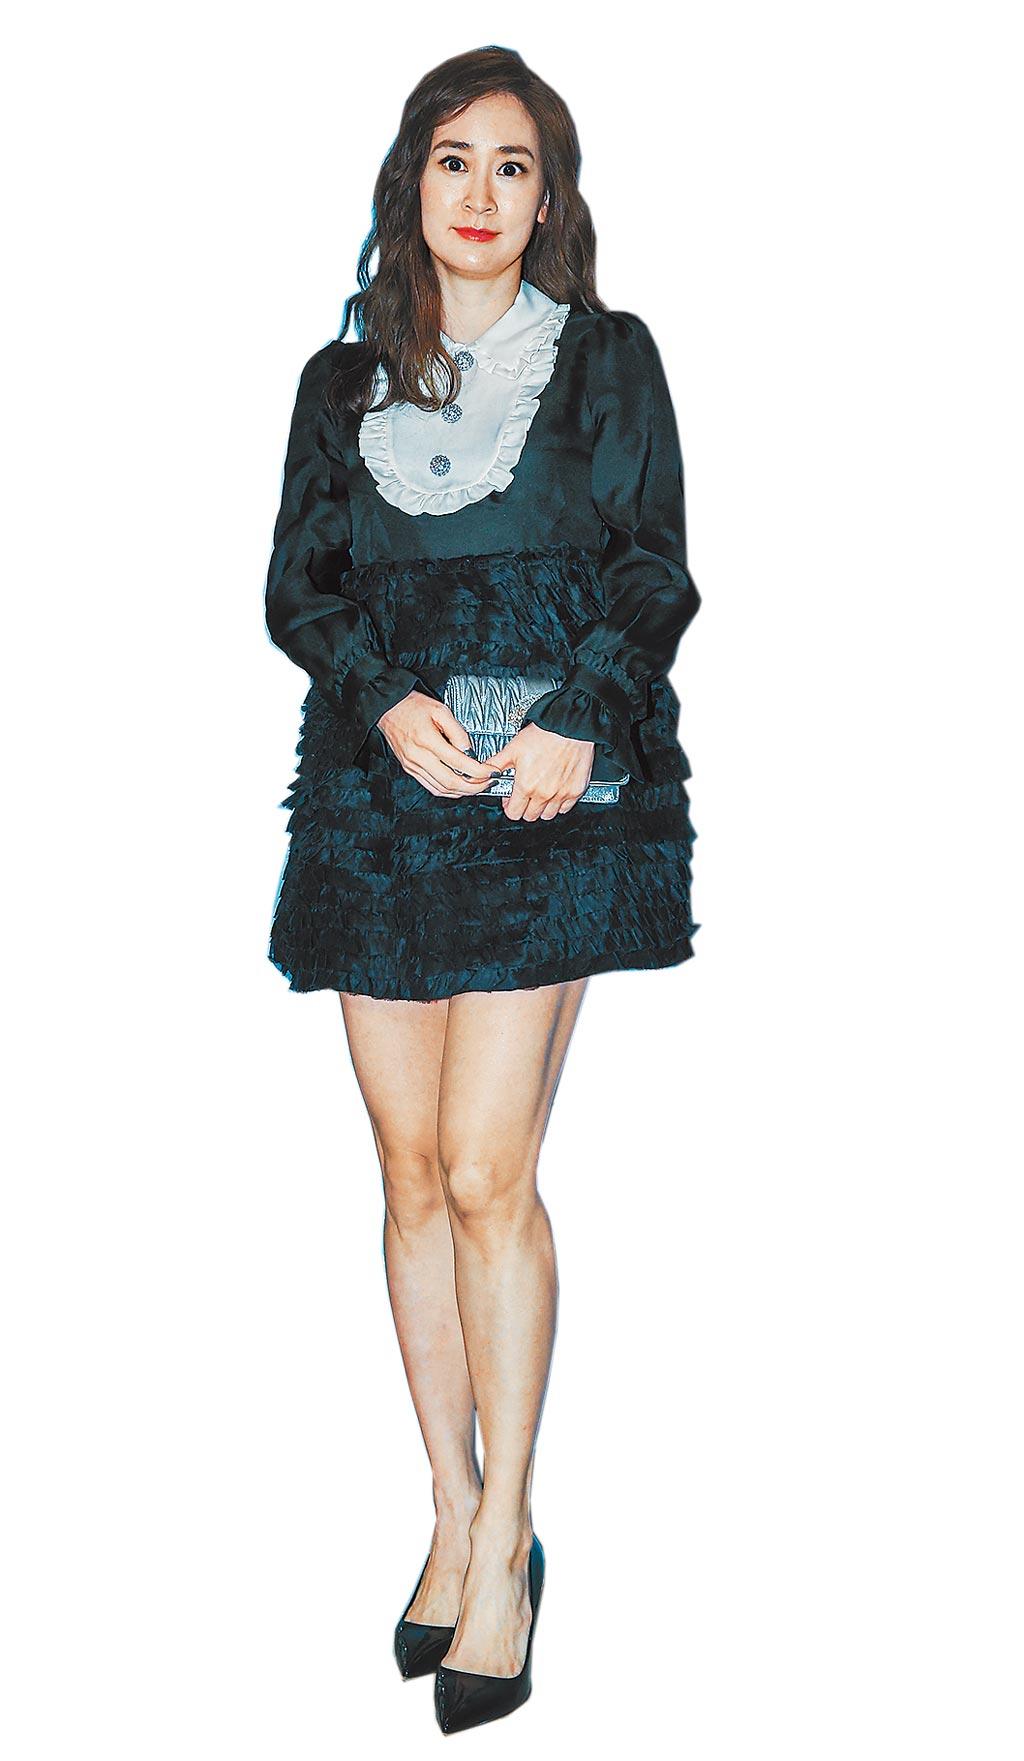 李晶晶身著Miu Miu 2021早春系列服裝,荷葉領絲綢洋裝13萬7500元、水晶綴飾皮革肩背包4萬8000元、水晶綴飾高跟鞋價格店洽。(粘耿豪攝)